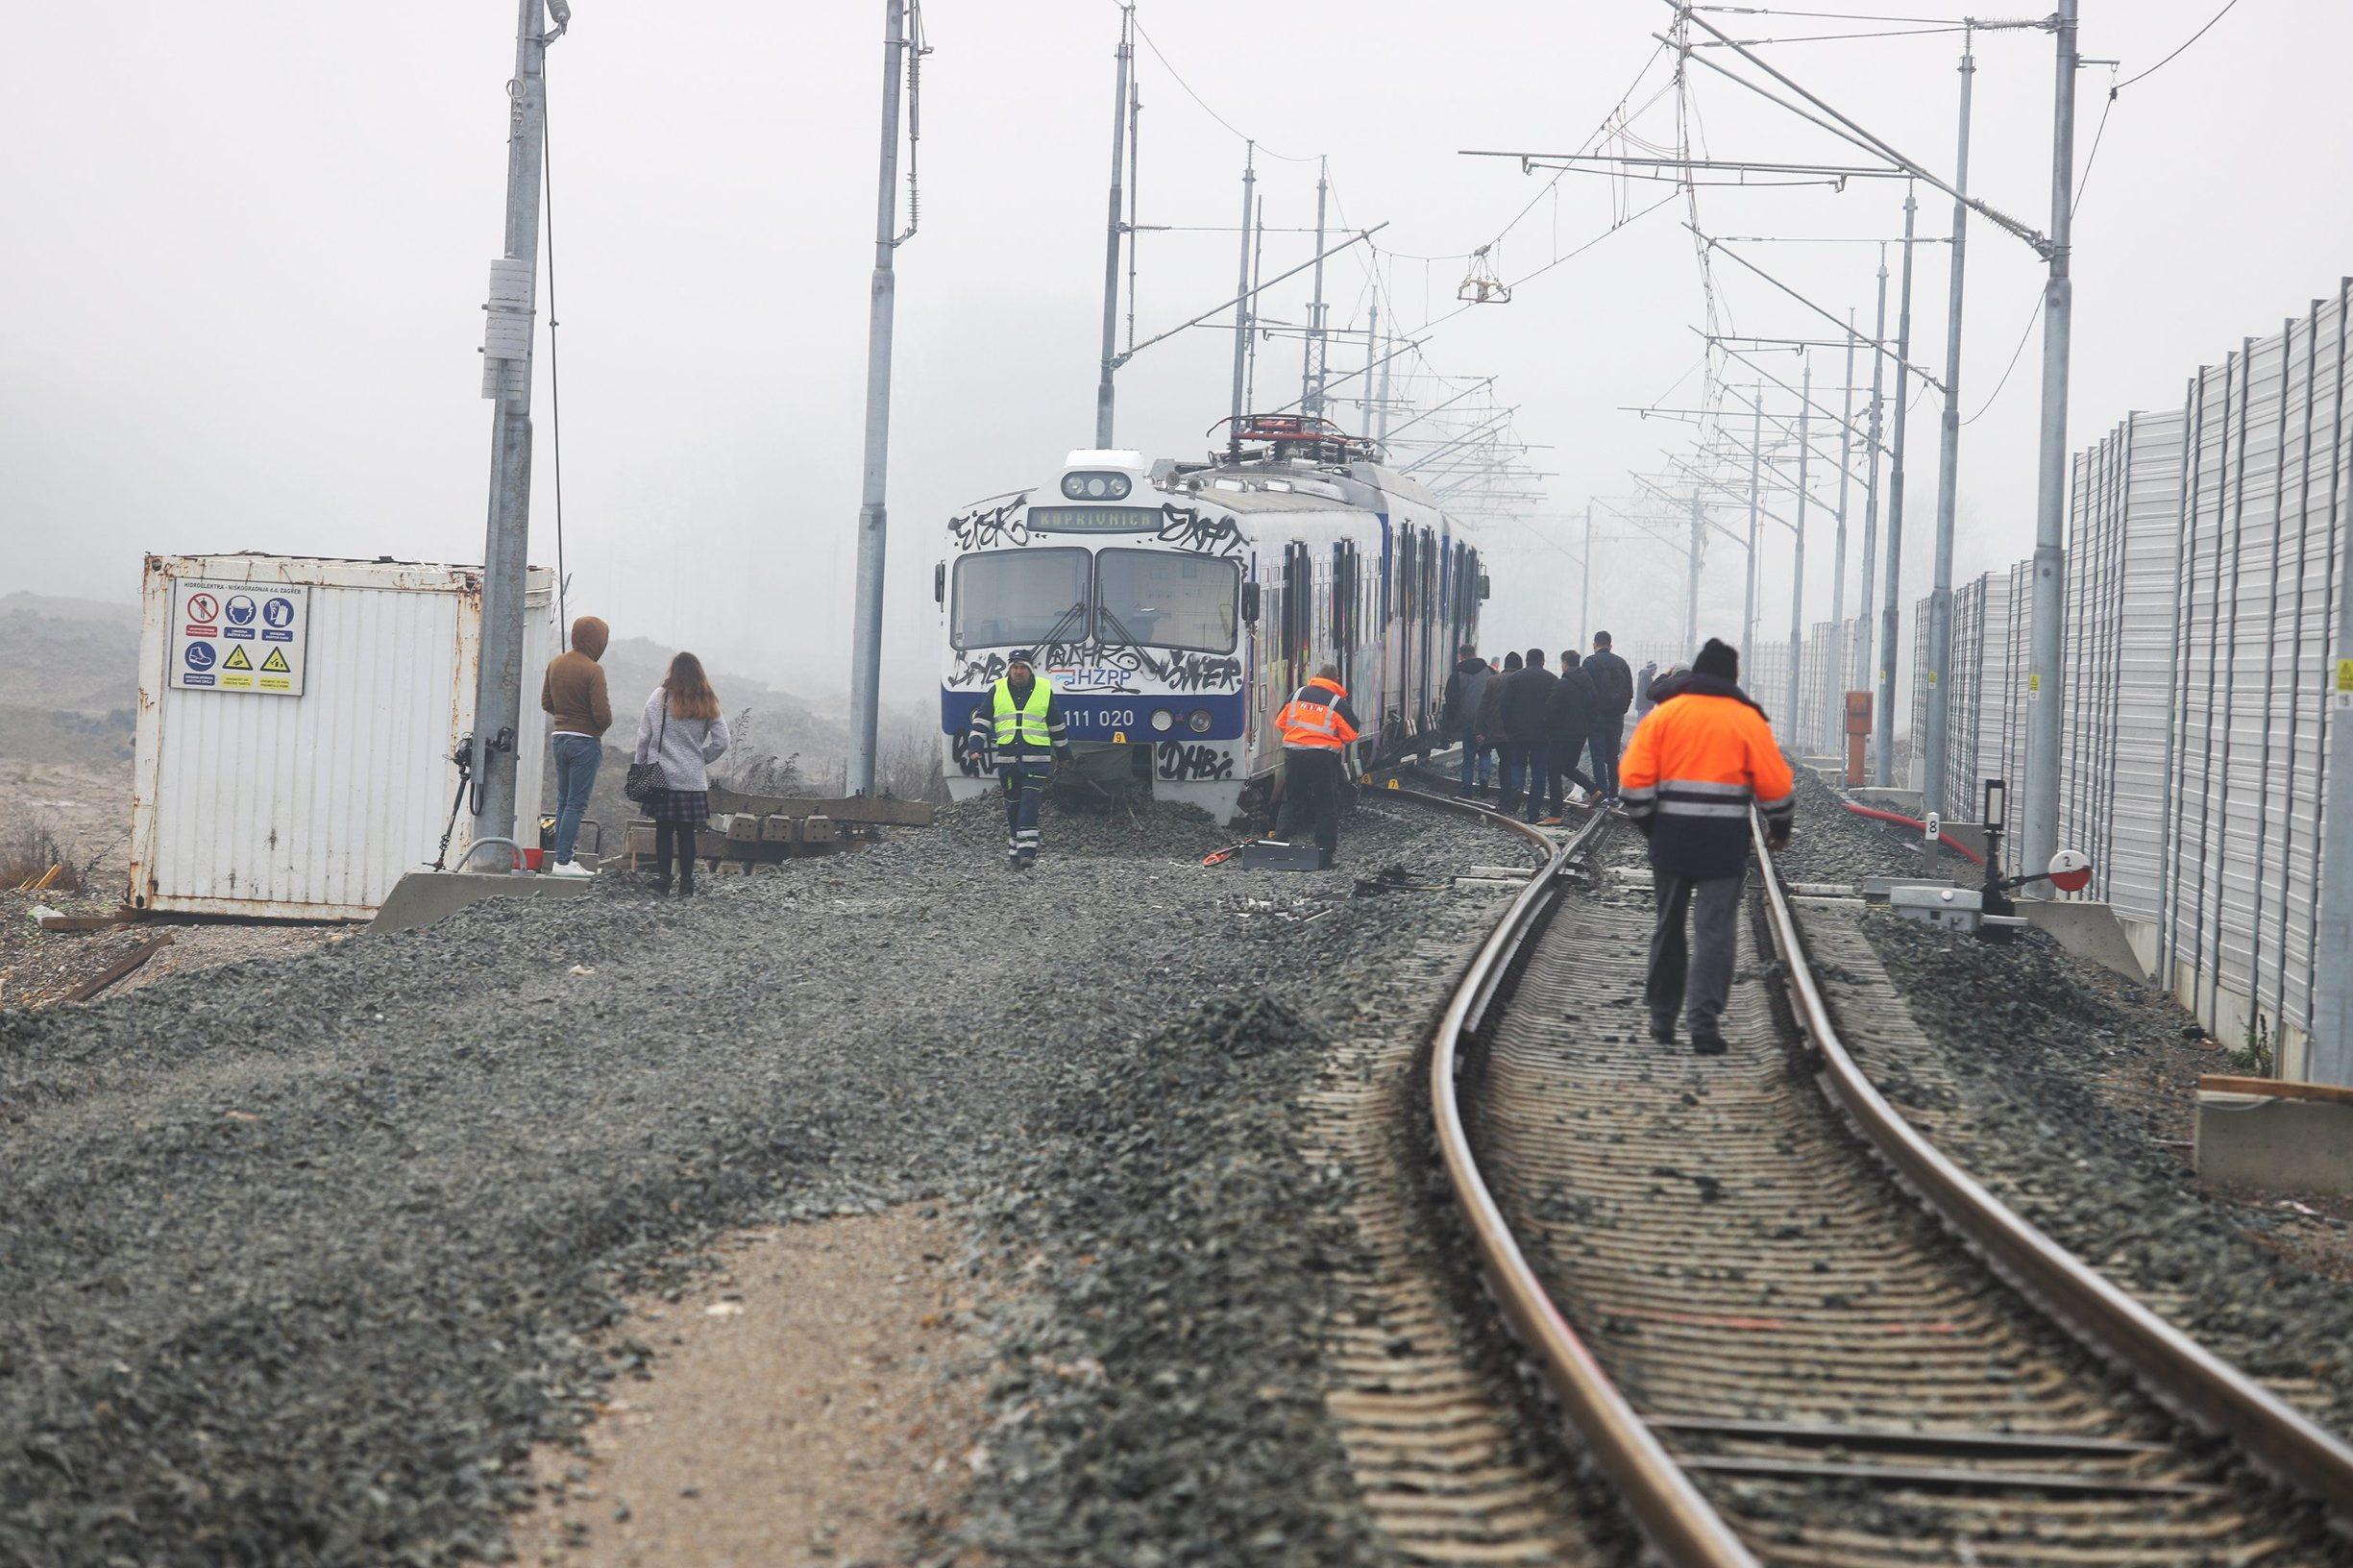 vlak_krizevci-031219